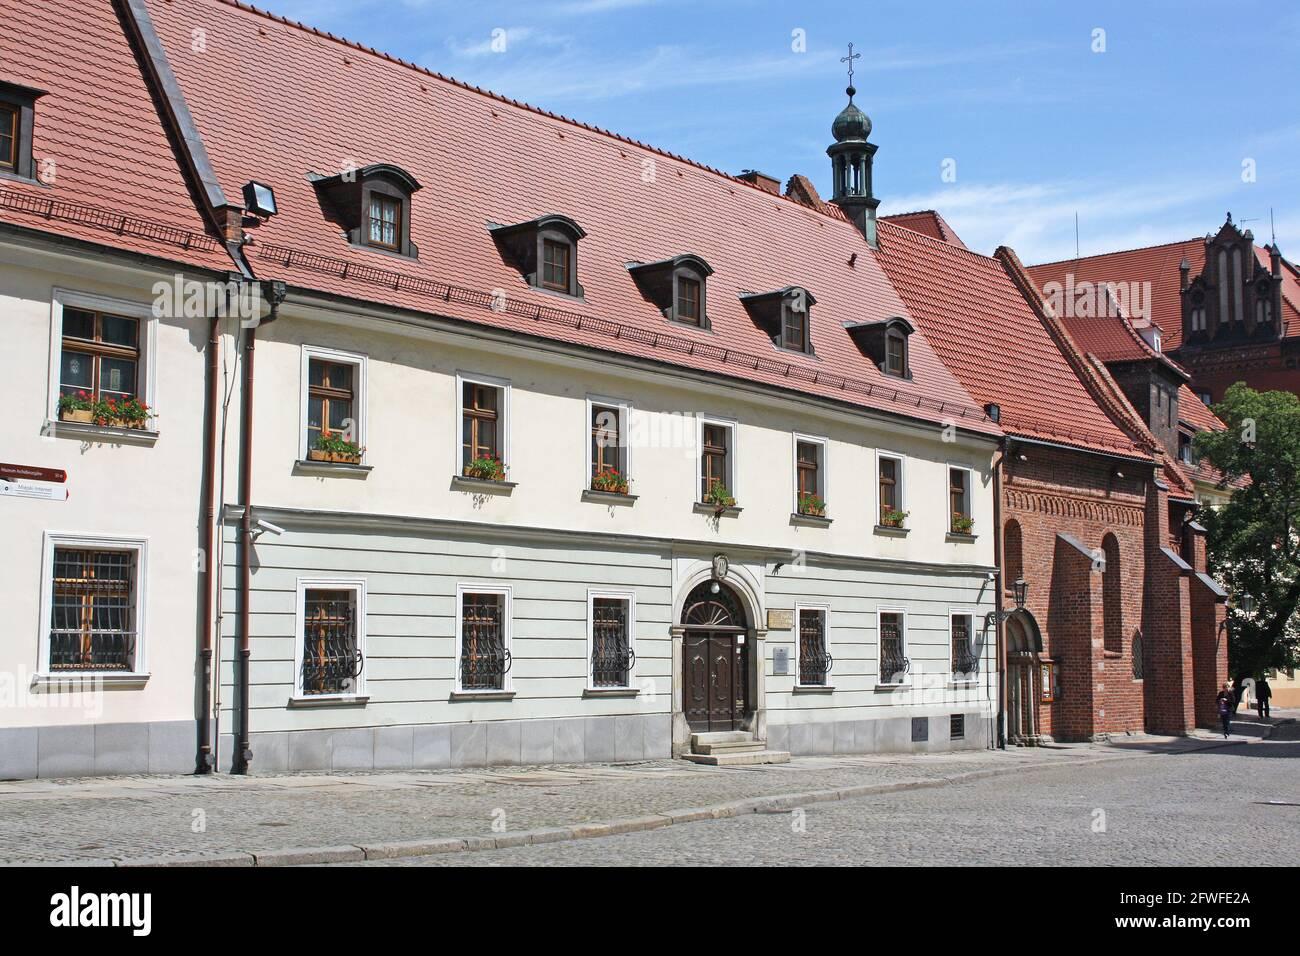 Ancien siège du vice-gardien de la chapelle de la cathédrale et gardien d'Ostrów Tumski, île de la cathédrale, Wroclaw, Pologne Banque D'Images